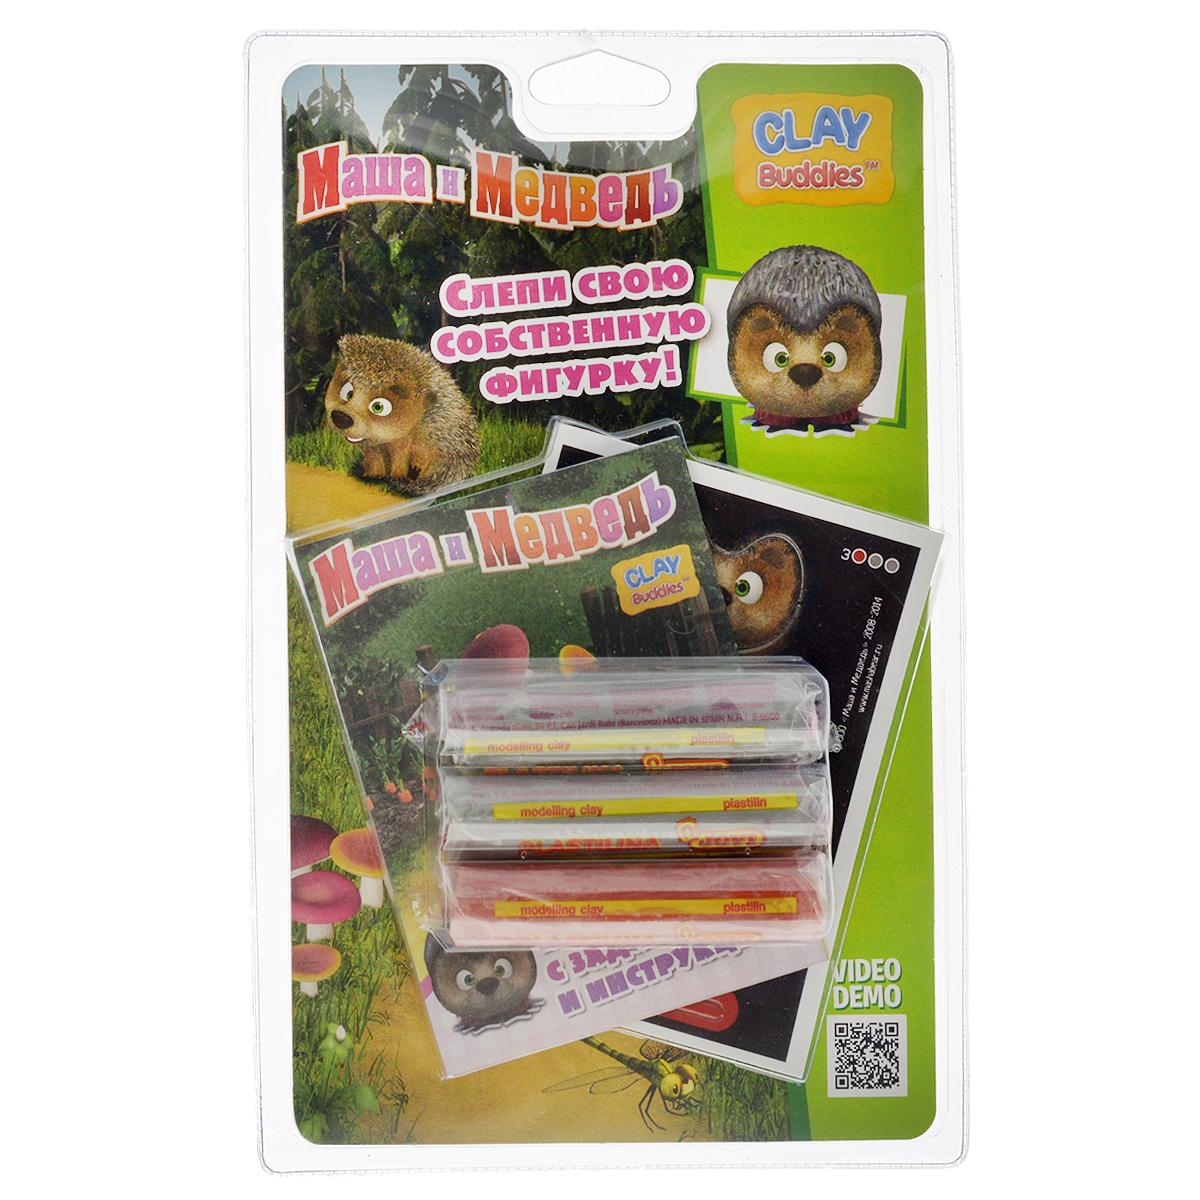 Giromax Набор для лепки Маша и Медведь. Ежик306420_ежикНабор для лепки Giromax Маша и Медведь. Ежик позволит вашему ребенку создать поделку в виде Ежика - персонажа популярного мультсериала Маша и Медведь. Набор включает три бруска пластилина (один красного цвета, два других - серого), картонный лист с красочными элементами для оформления поделки, липучку для наклеивания элементов, а также брошюру с заданиями и инструкцией на русском языке. Работа с пластилином для лепки подарит вашему ребенку положительные эмоции, а также поможет развить мелкую моторику рук, внимательность и усидчивость.